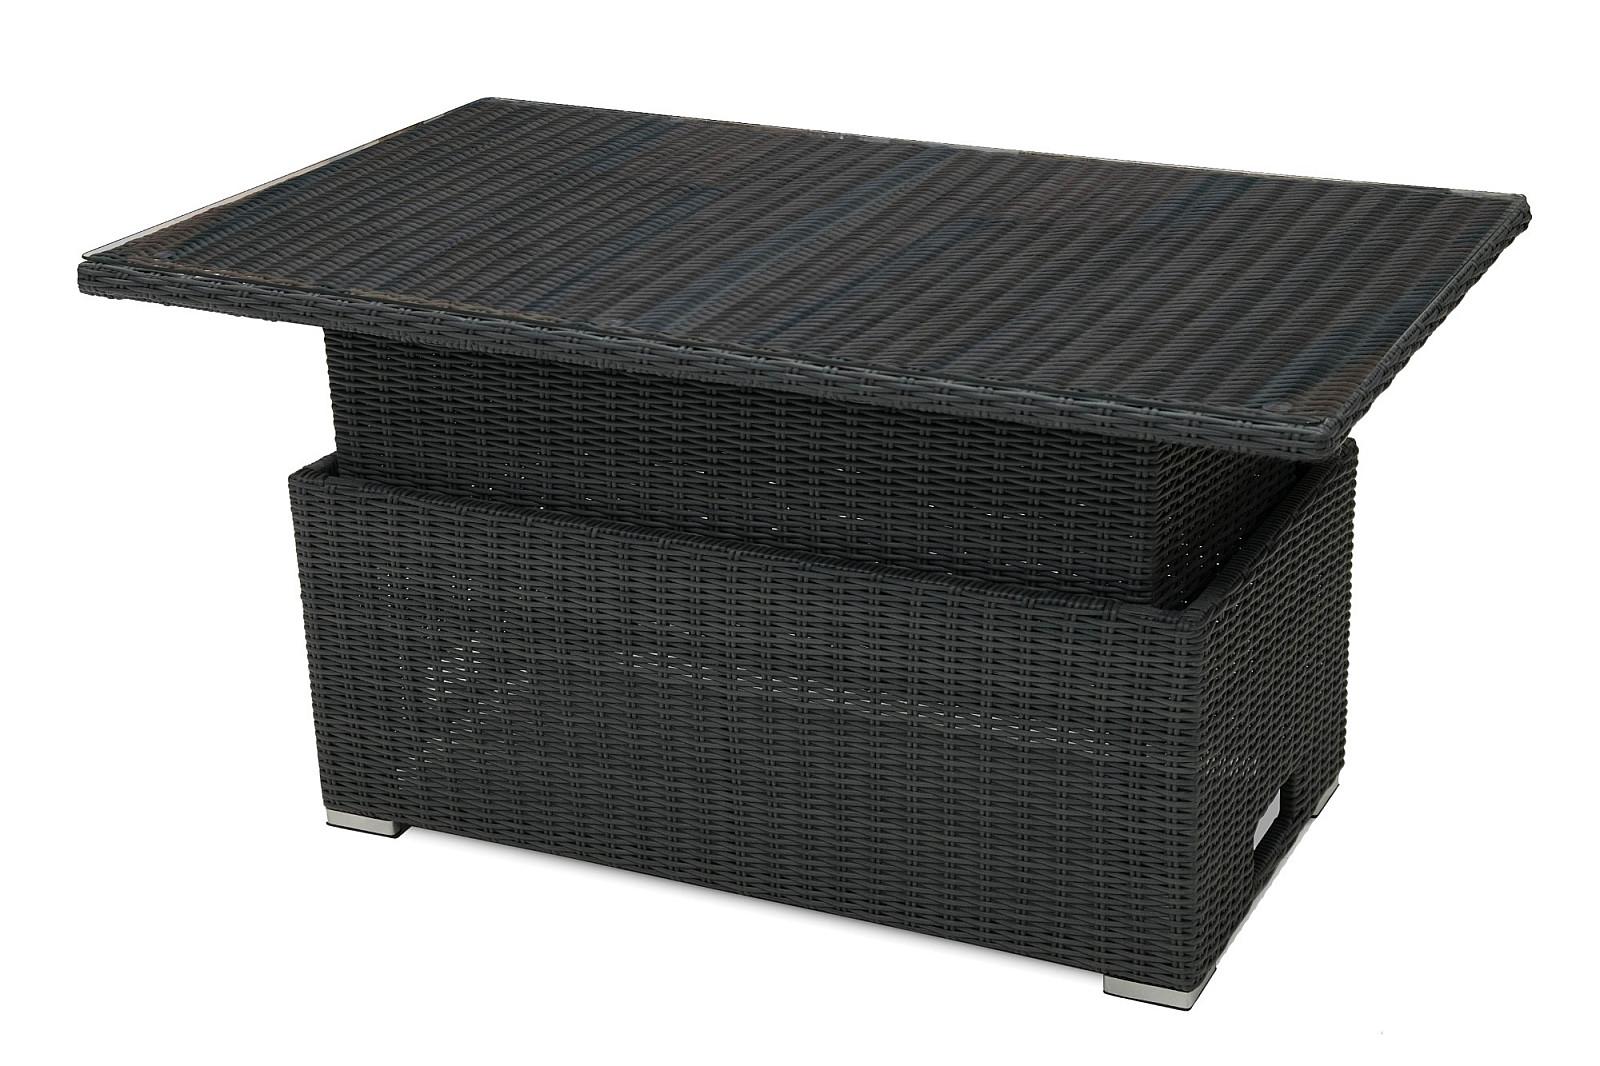 Ratanový stôl výsuvný jedálenský / odkladací 140 x 80 cm SEVILLA (antracit)